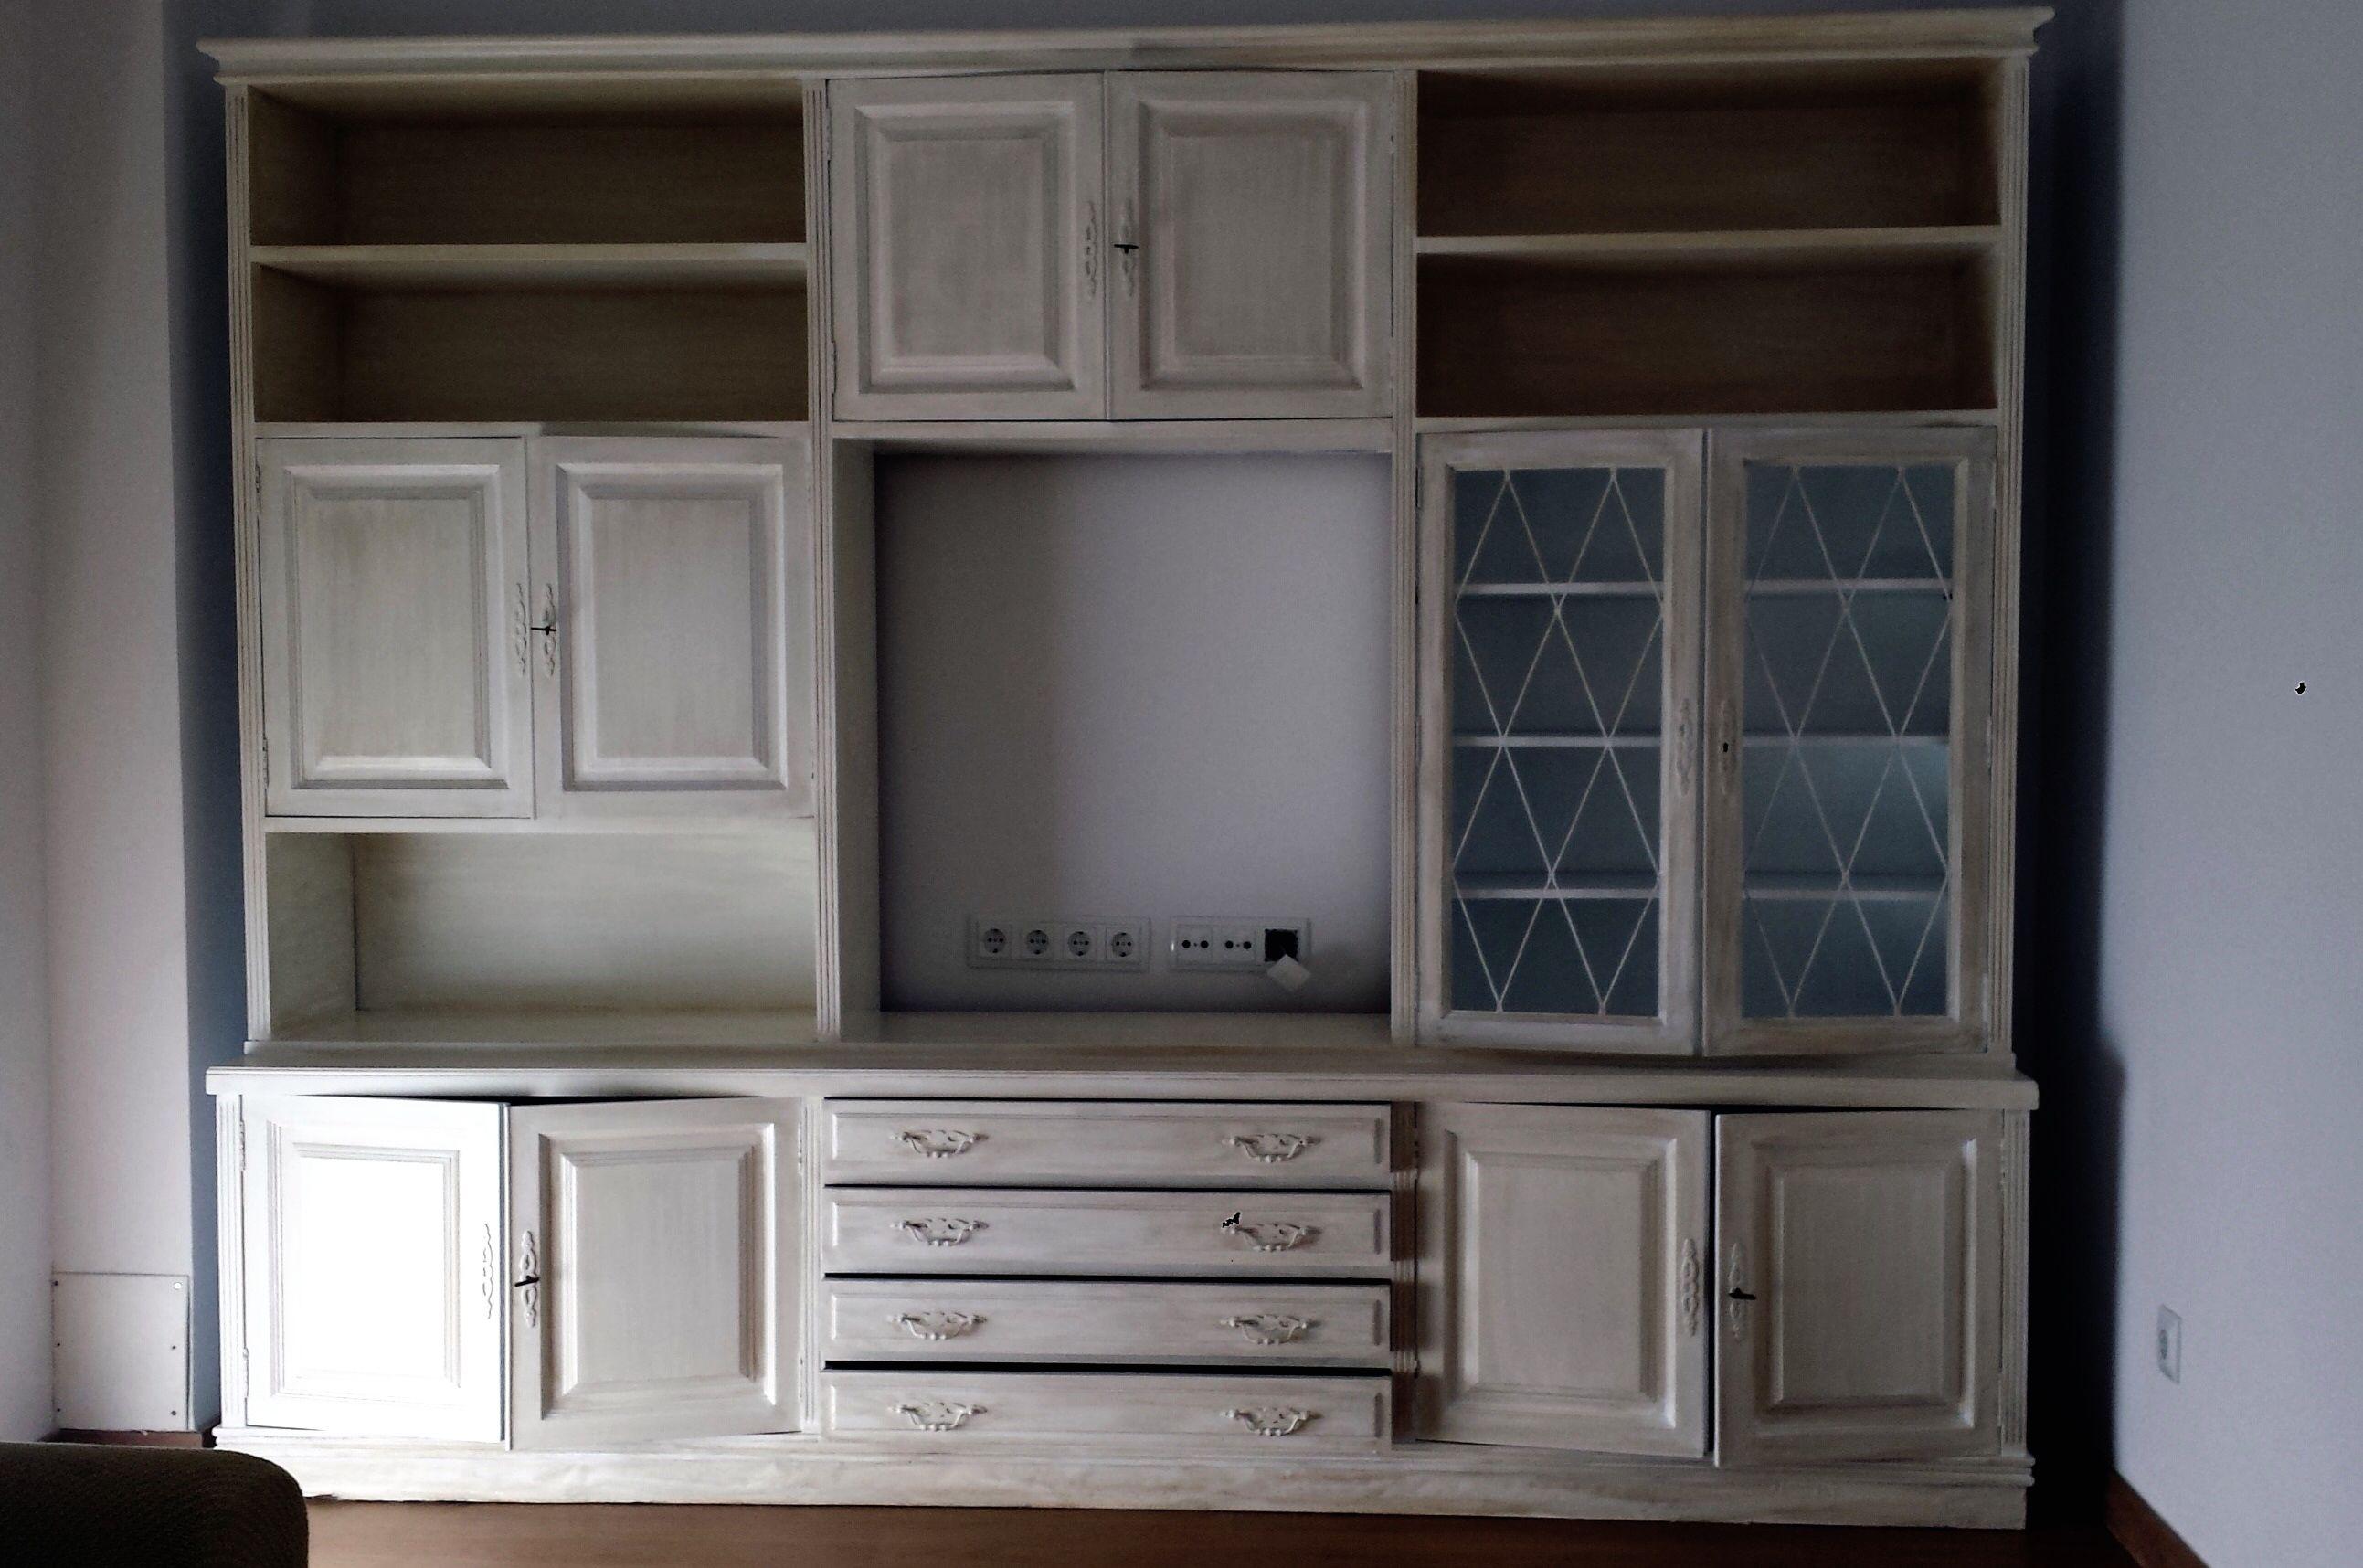 Mueble compacto conformado por distintos elementos de estilo clásico ...